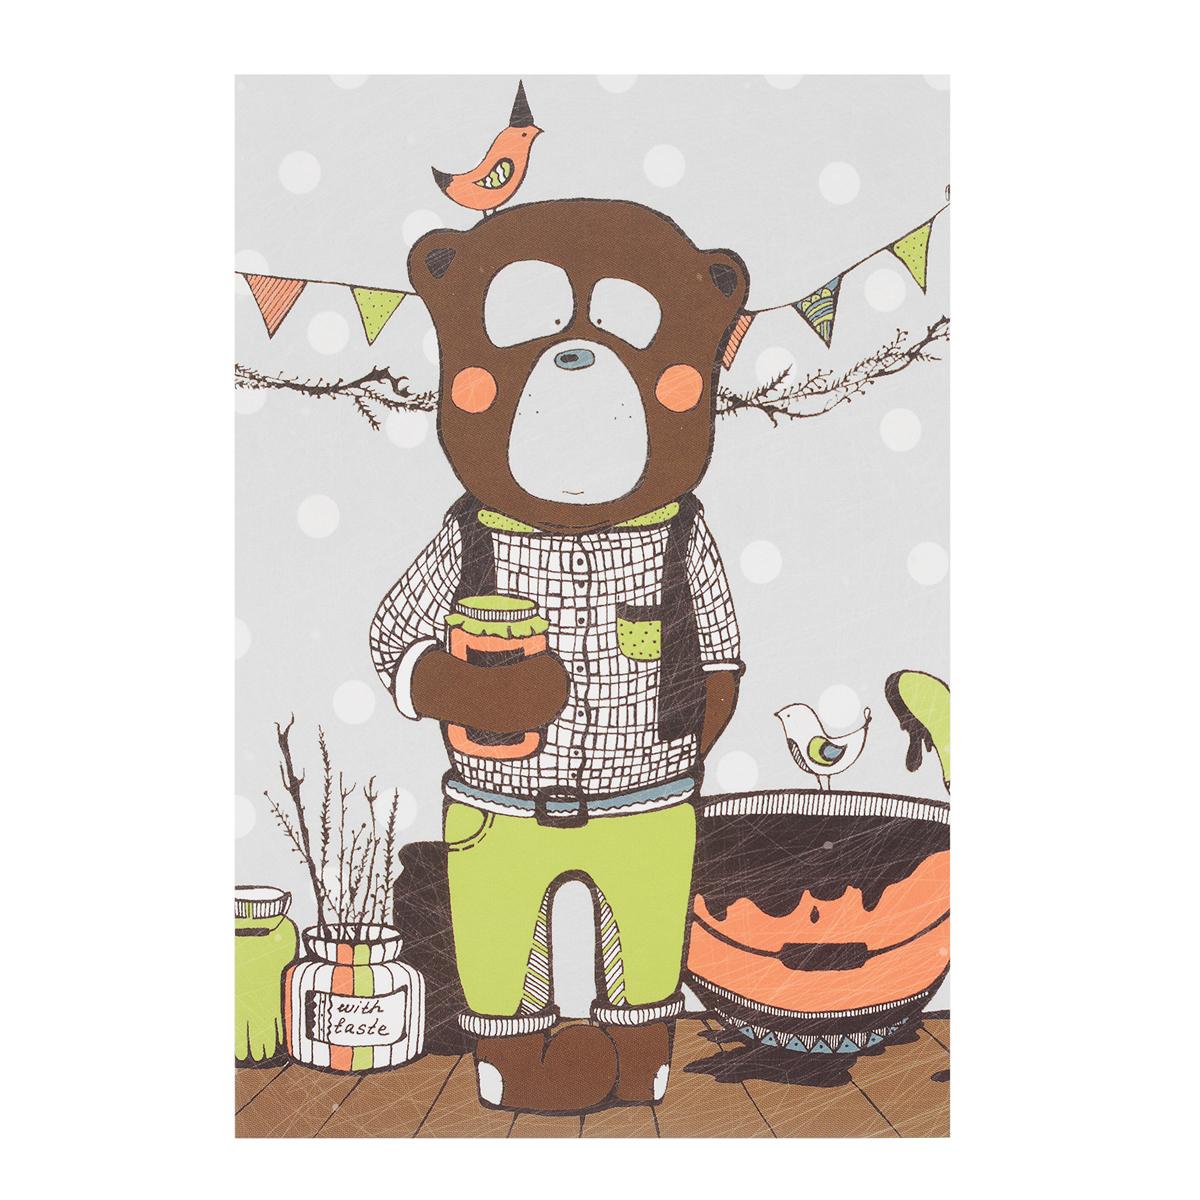 Открытка Вкус варенья. Автор Анастасия МежаковаKT400(4)Оригинальная дизайнерская открытка Вкус варенья выполнена из плотного матового картона. На лицевой стороне расположена репродукция картины художницы Анастасии Межаковой с изображением медведя, занятого приготовлением вкусного варенья.Такая открытка станет великолепным дополнением к подарку или оригинальным почтовым посланием, которое, несомненно, удивит получателя своим дизайном и подарит приятные воспоминания.